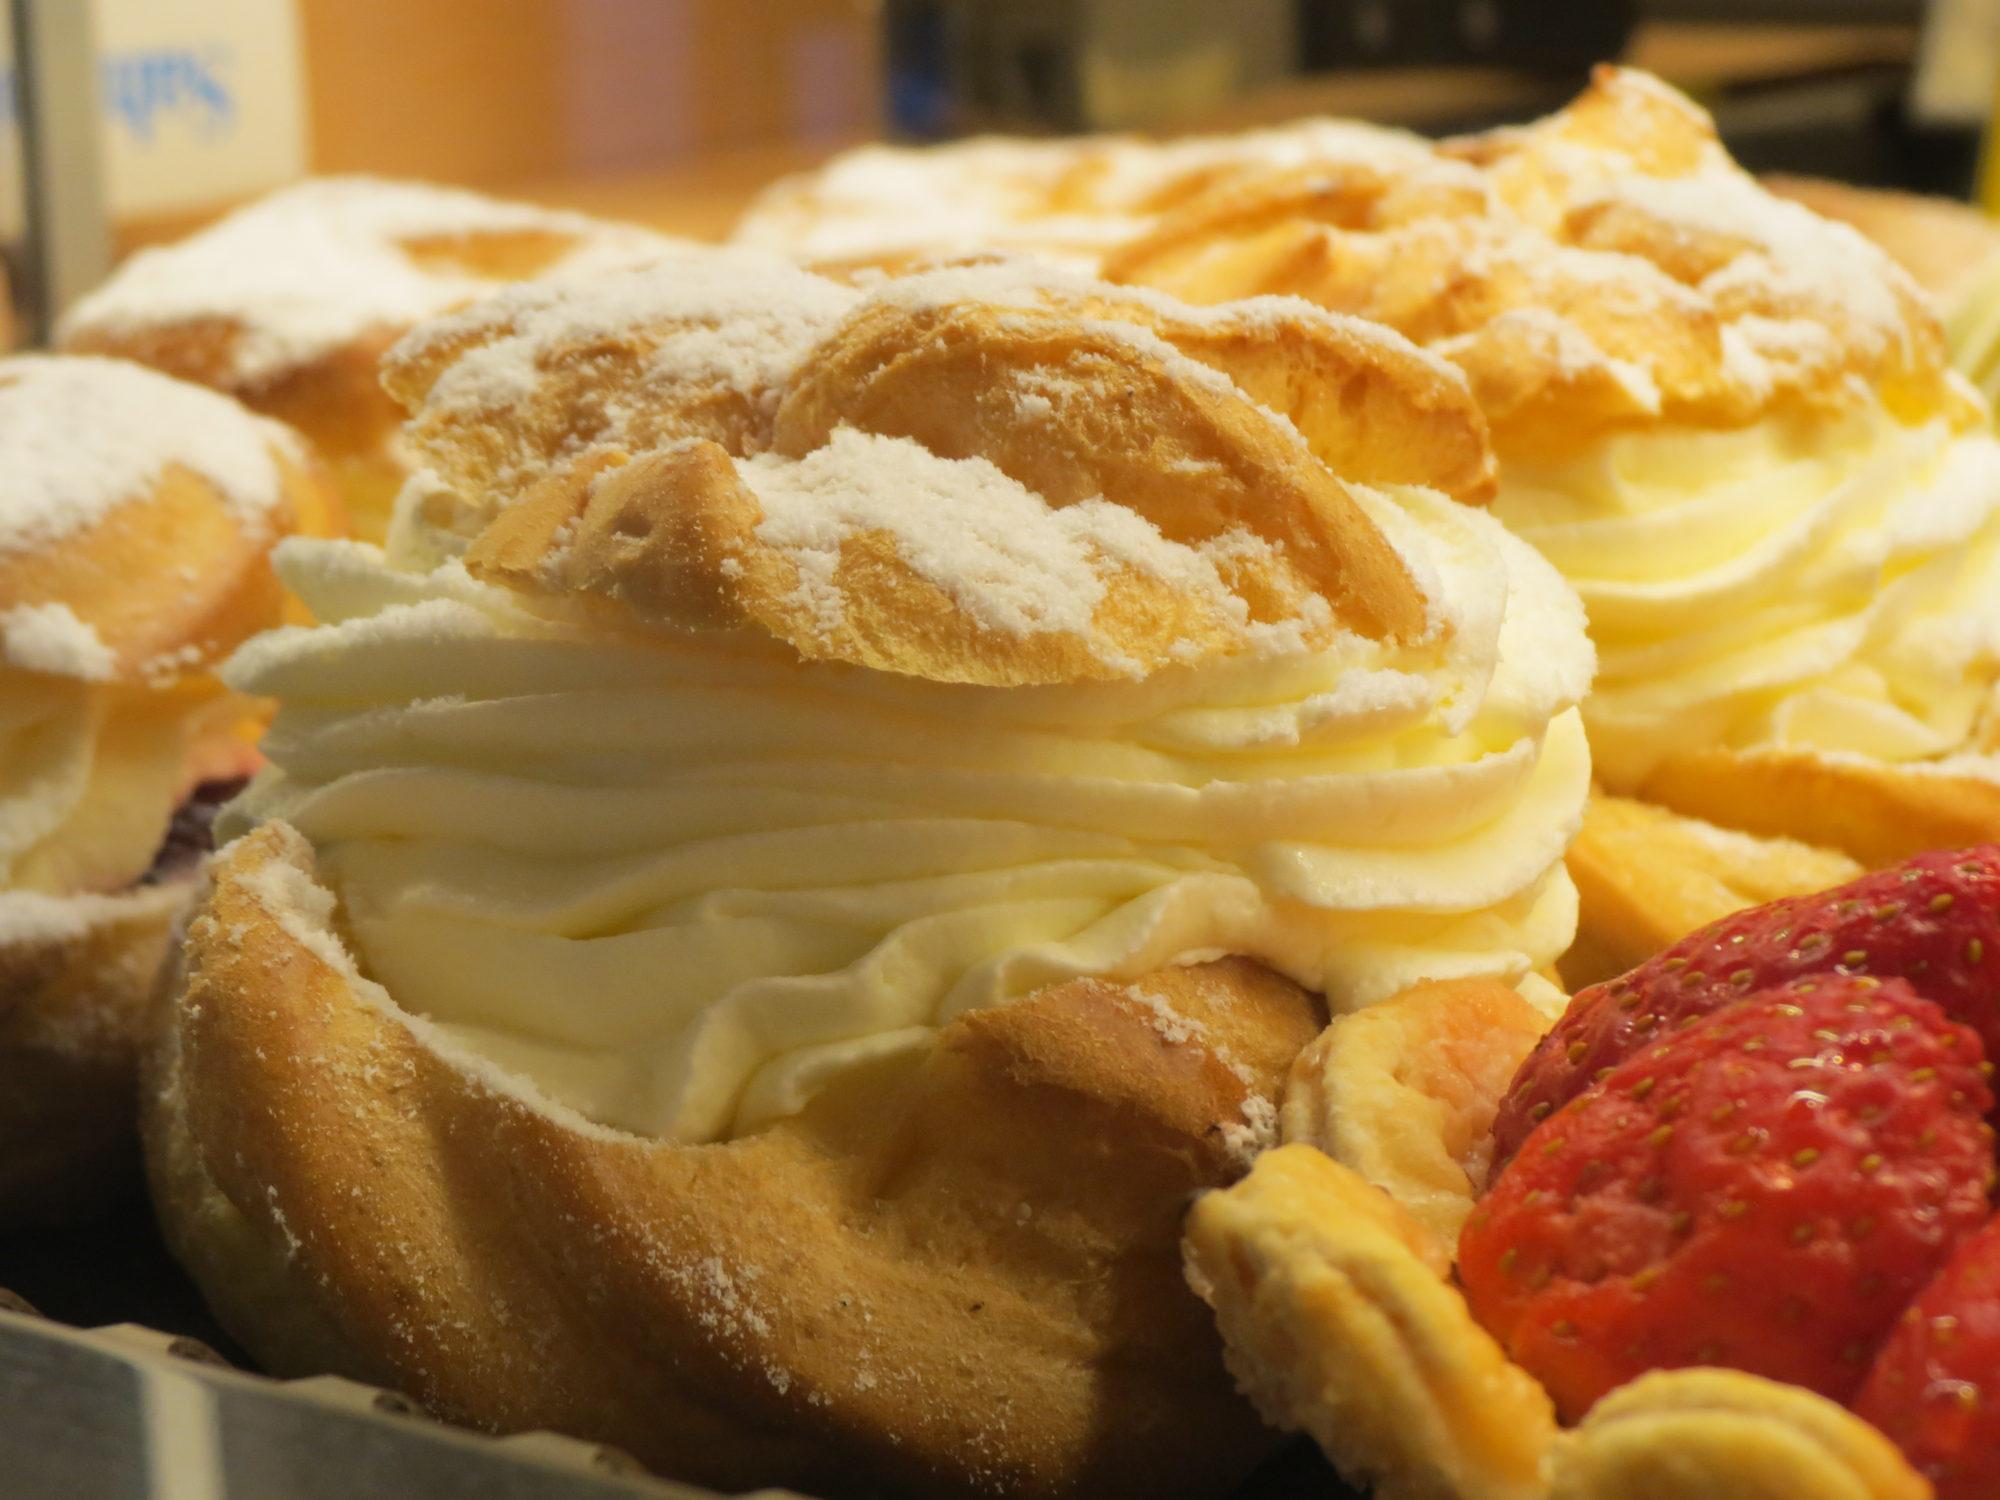 Kuchen Köln Bestellen ~ kuchen bestellen chemnitz u2013 beliebte rezepte von urlaub kuchen foto